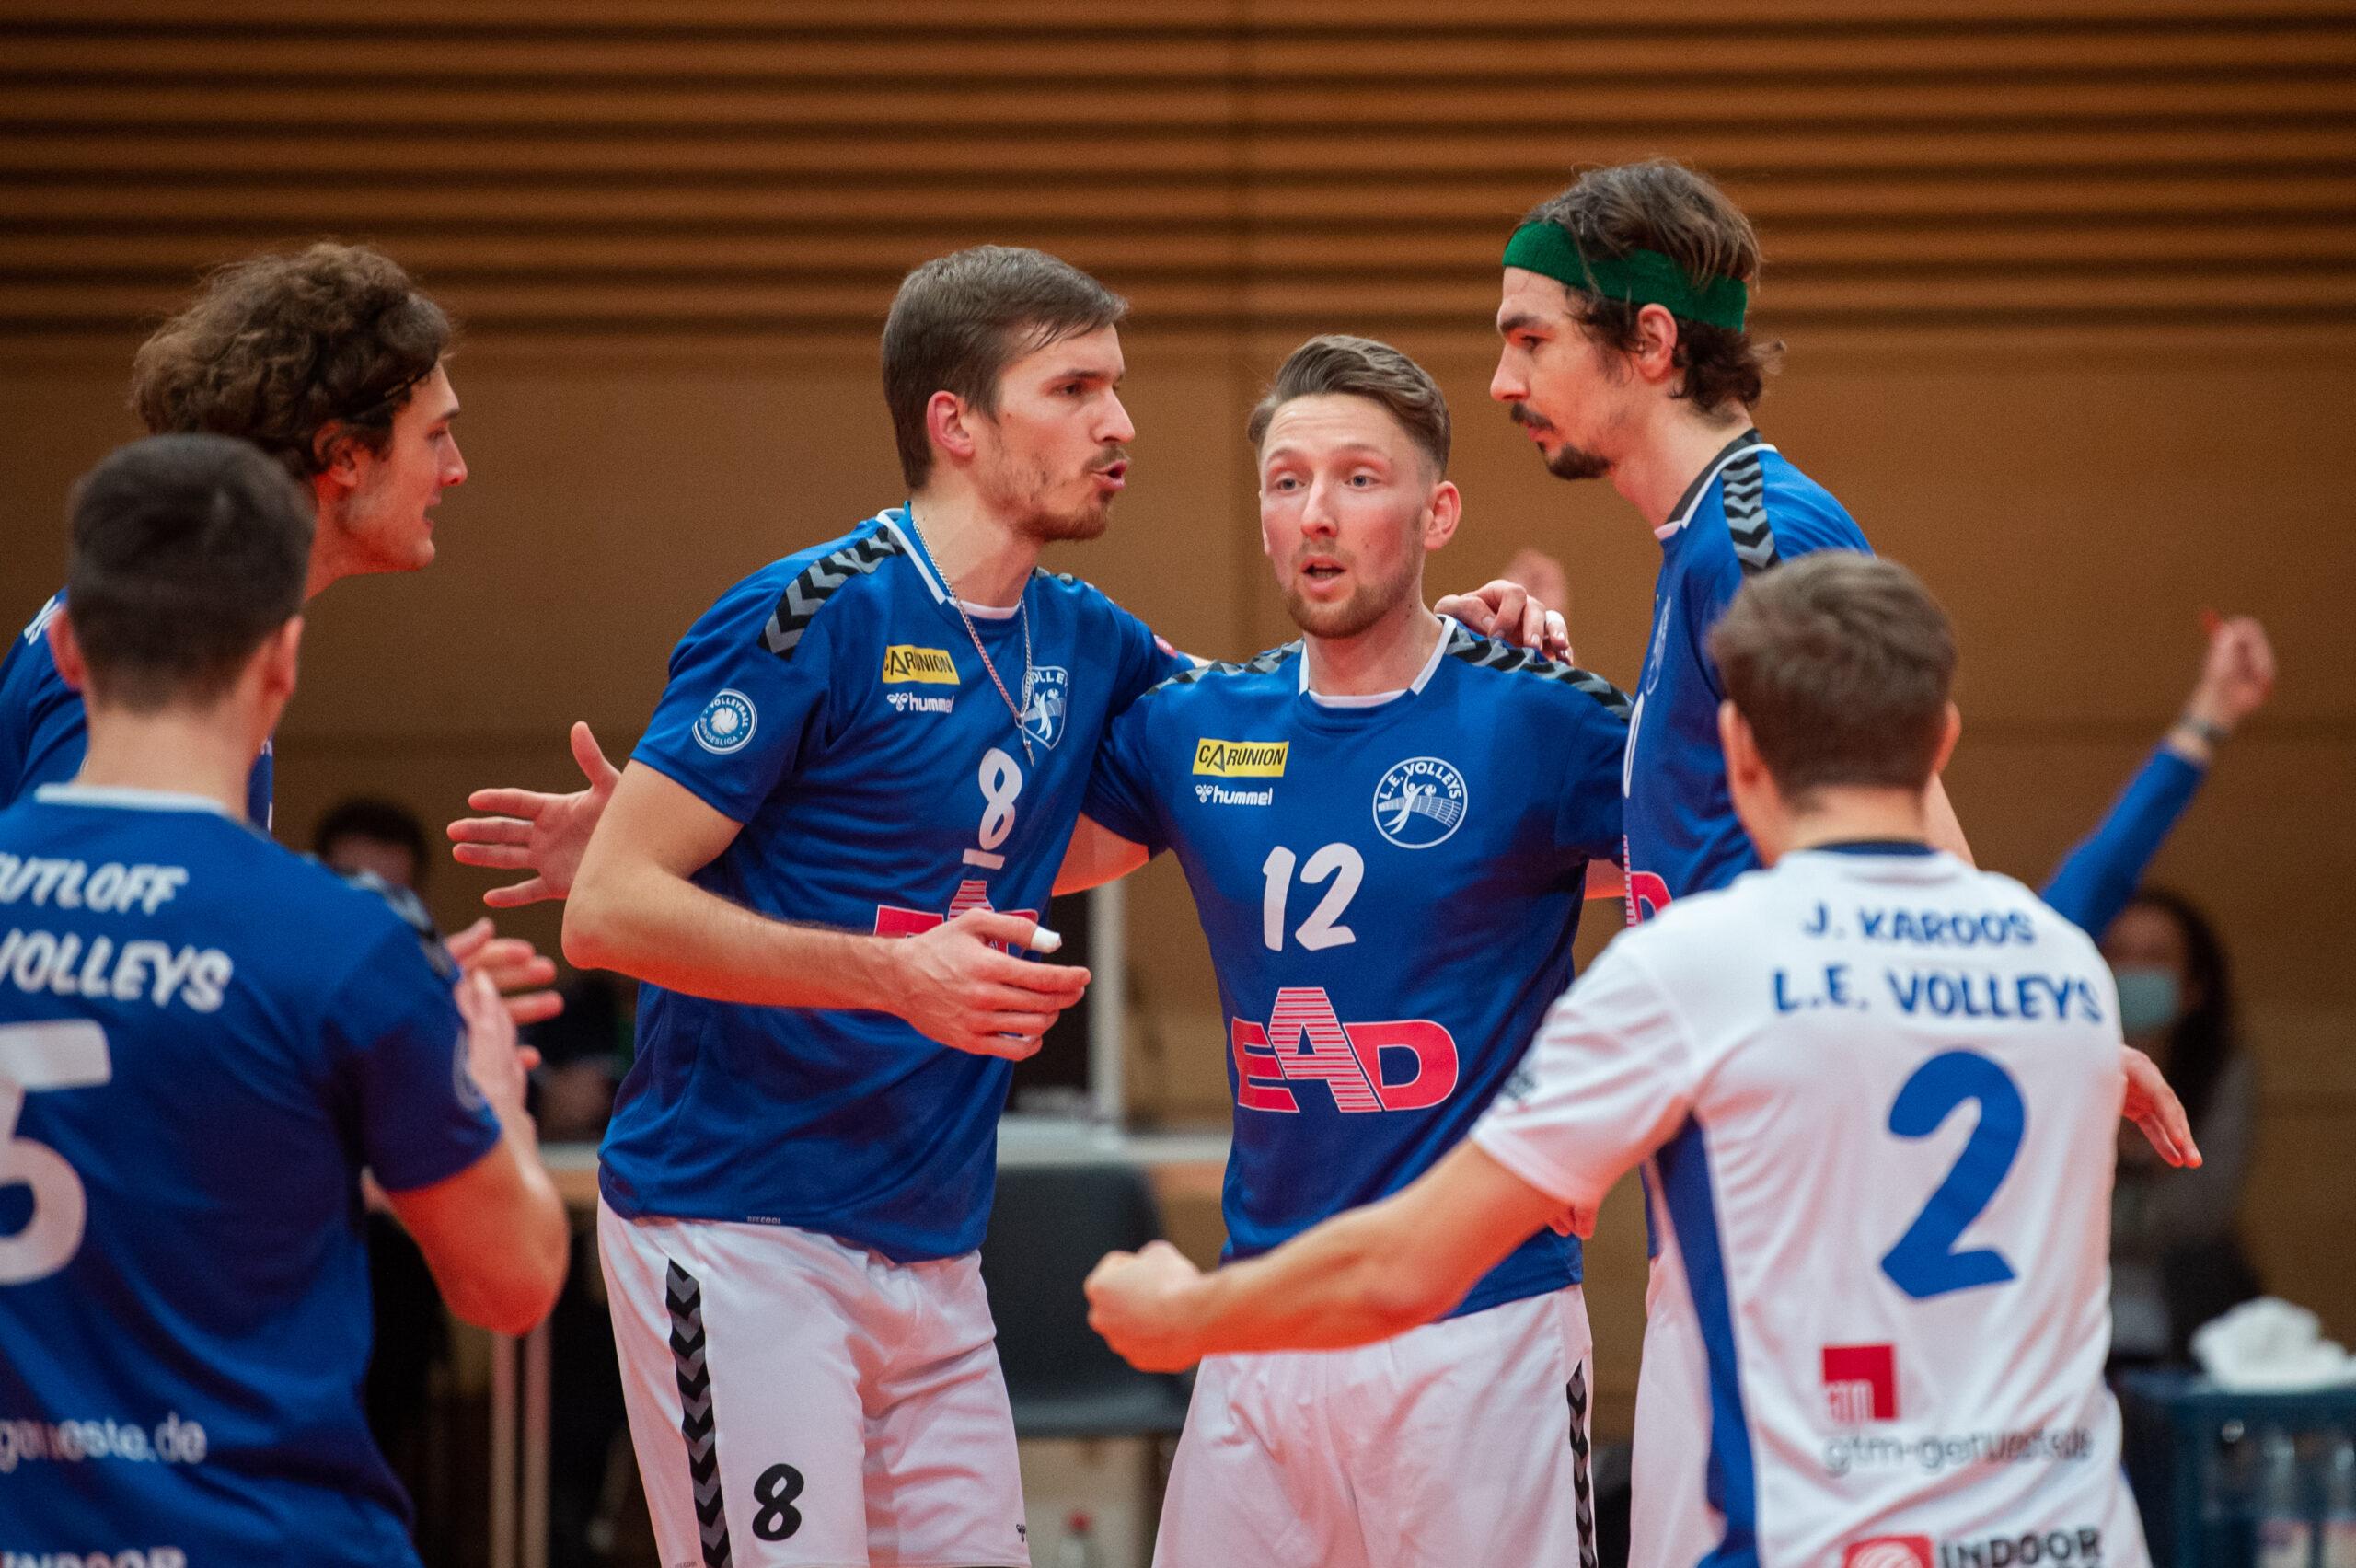 Henrik Kamphausen (Volleys #15), Chris Warsawski (Volleys #8), Martin  Burgartz (Volleys #12), Jannik KŸhlborn (Volleys #10)   L.E. Volleys Leipzig vs TSV Grafing, Volleyball, 2.Liga, 30.01.2021